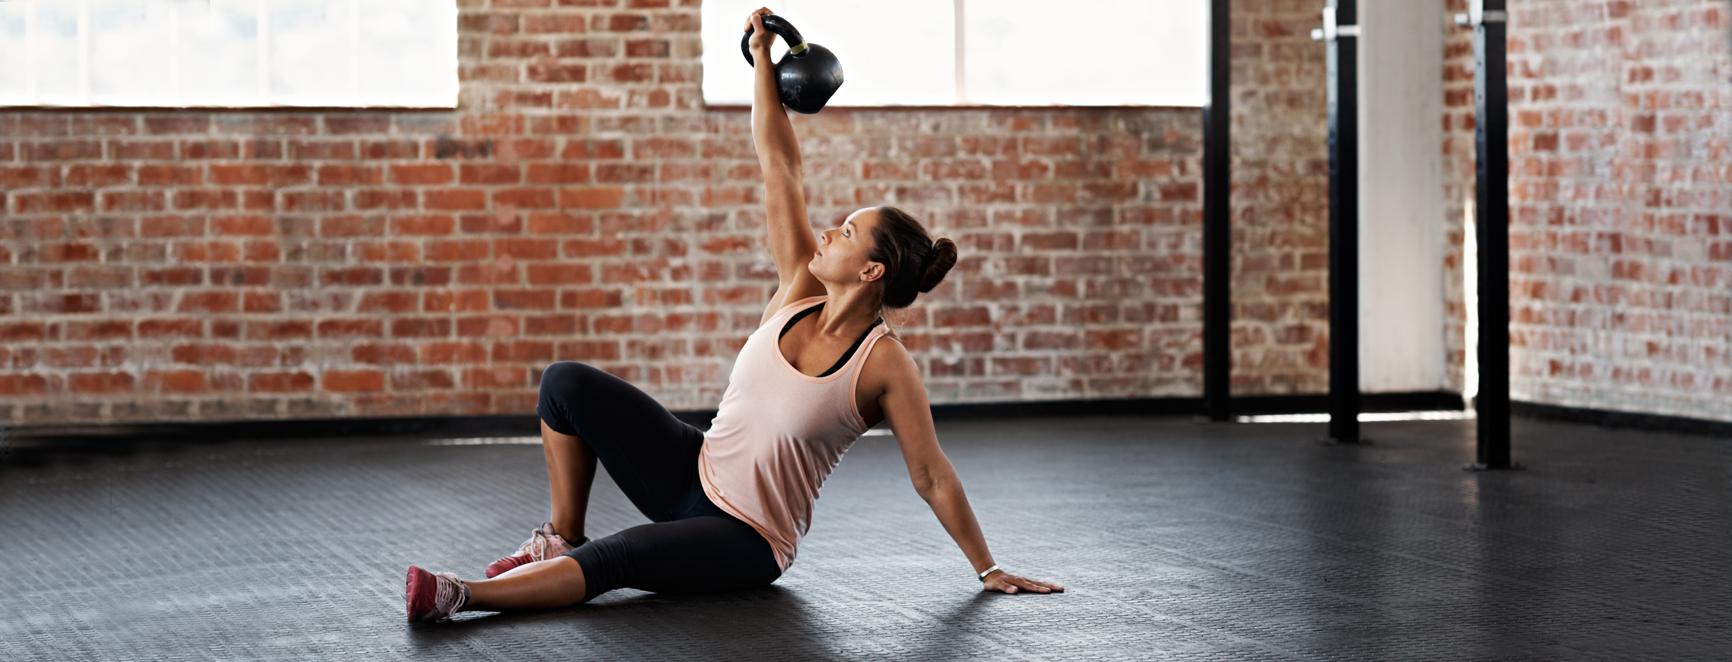 Best Kettlebell Workout Class for Weight Loss